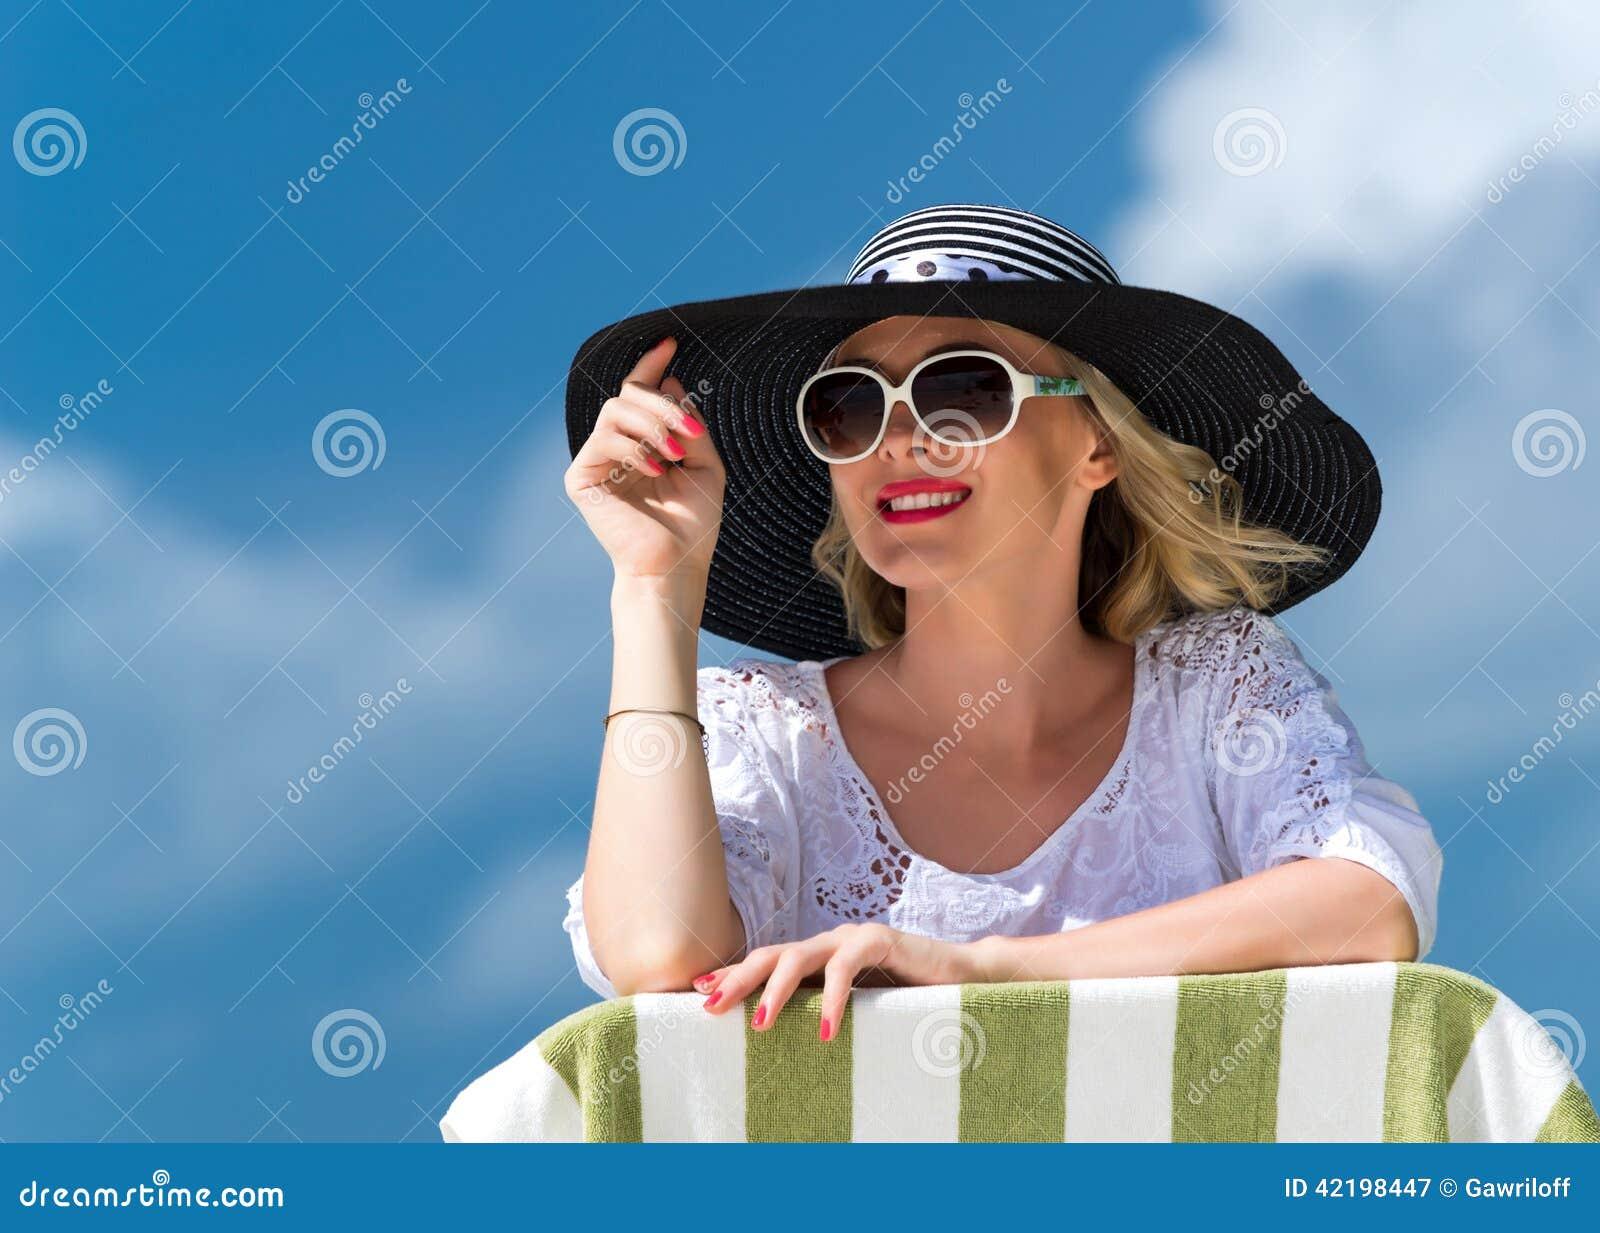 Ευτυχής νέα γυναίκα στην παραλία, το όμορφο θηλυκό υπαίθριο πορτρέτο προσώπου, την αρκετά υγιή χαλάρωση κοριτσιών έξω, τη διασκέδ